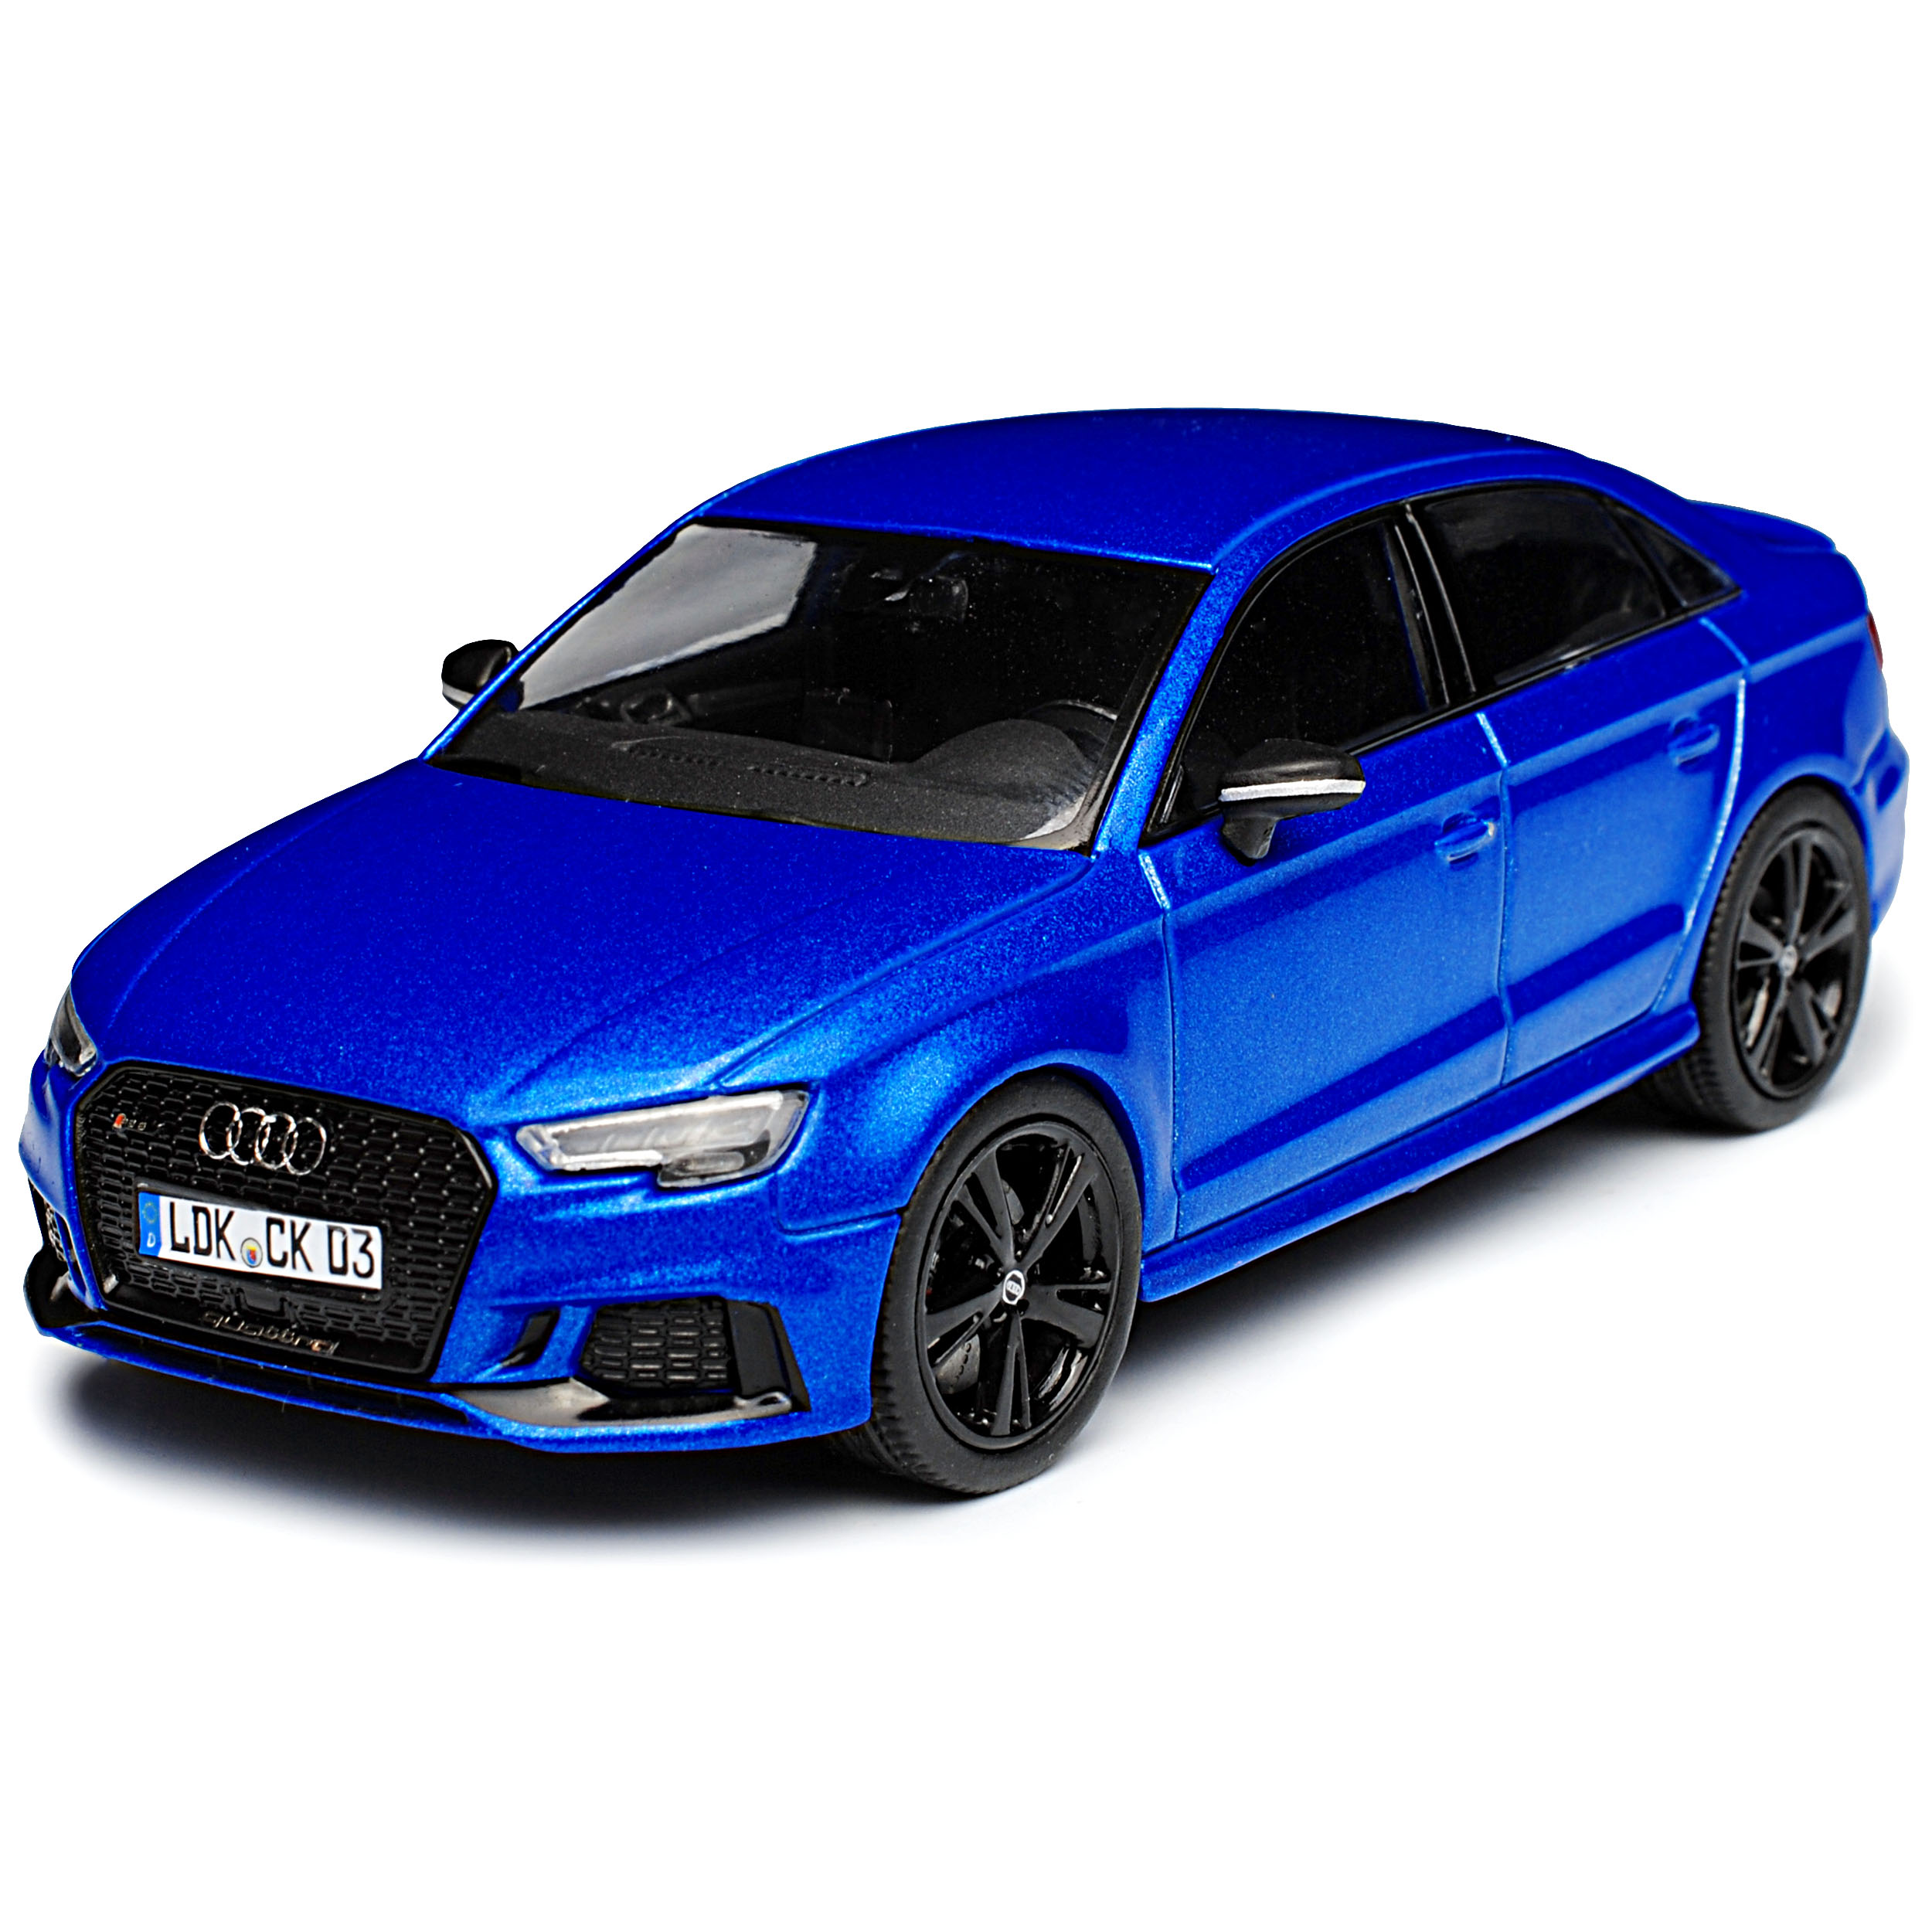 generación a partir de 2012 modelo a partir de 2016 1//43 KY... Audi a3 rs3 8v 8va Limousine azul 3